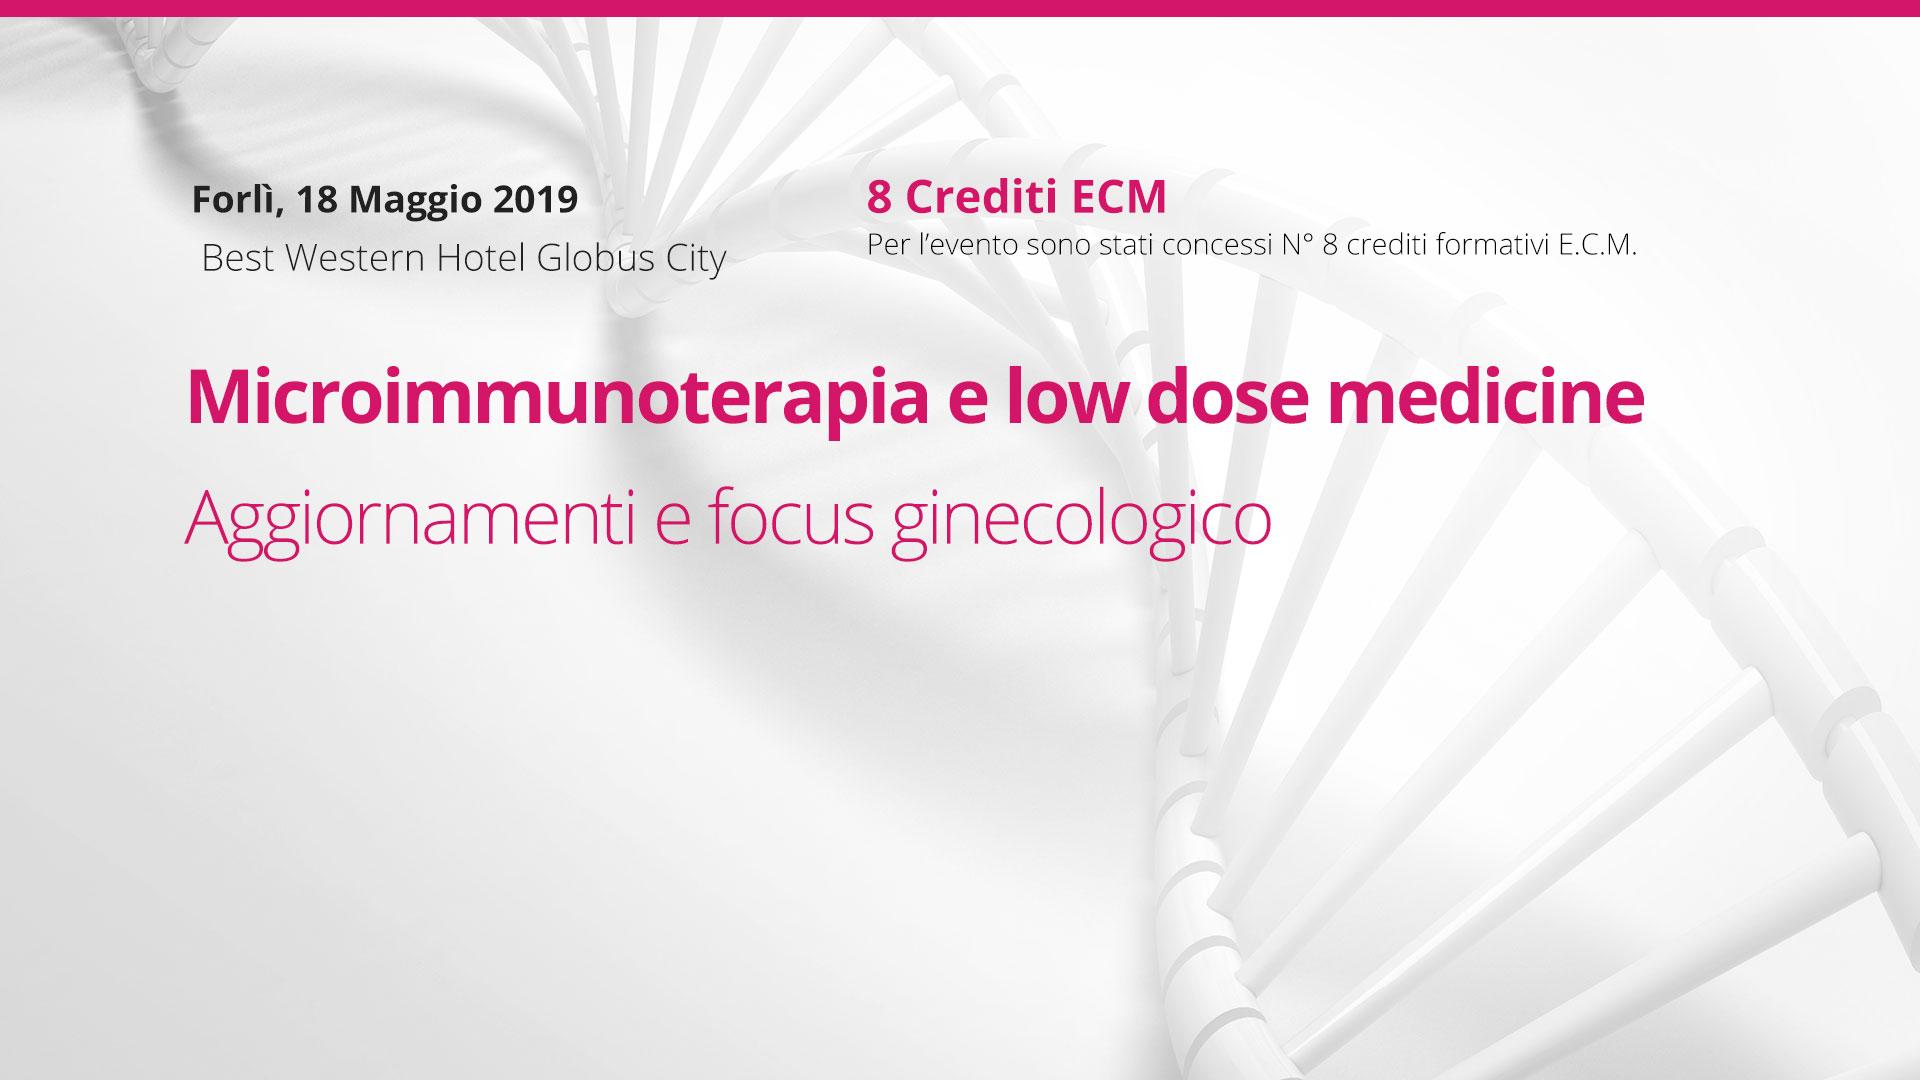 18 Maggio, Forlì: Microimmunoterapia e low dose medicine. Aggiornamenti e focus ginecologico